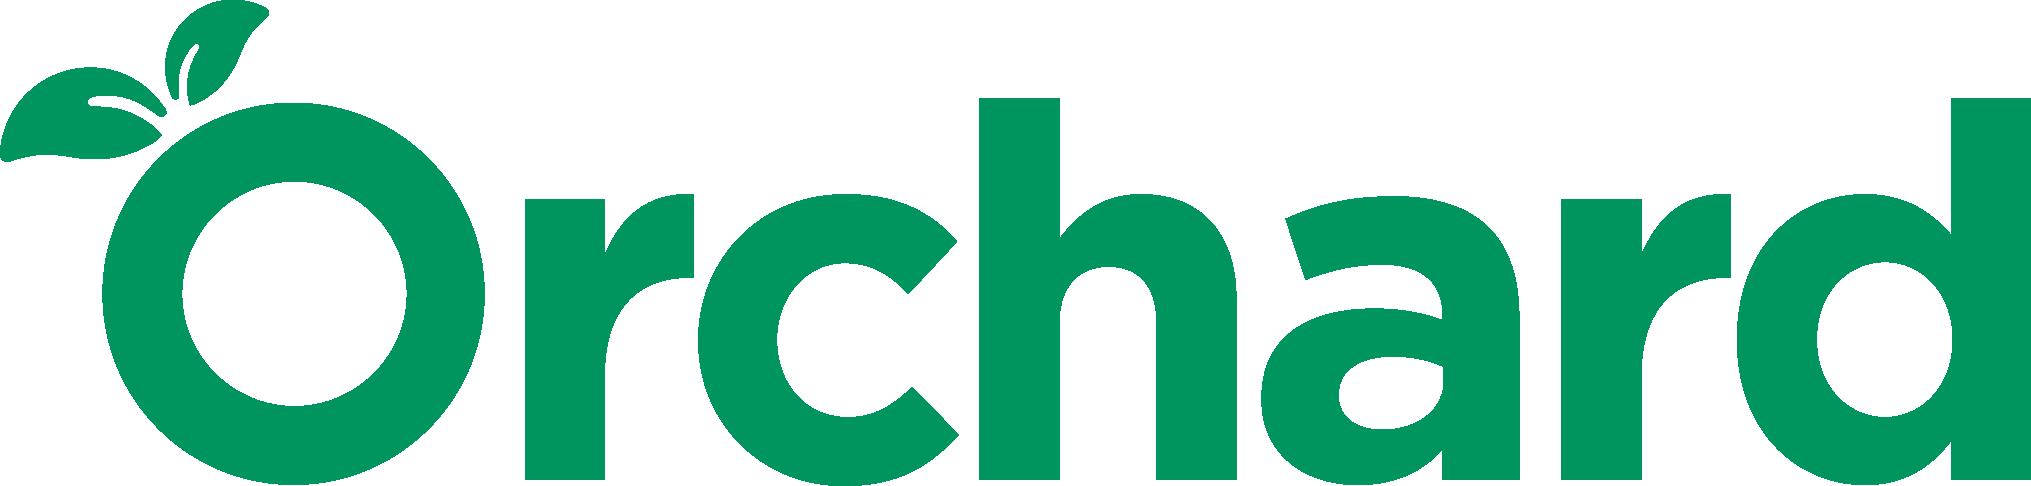 Orchard_Logo_Full_Green_WhiteBG (6)